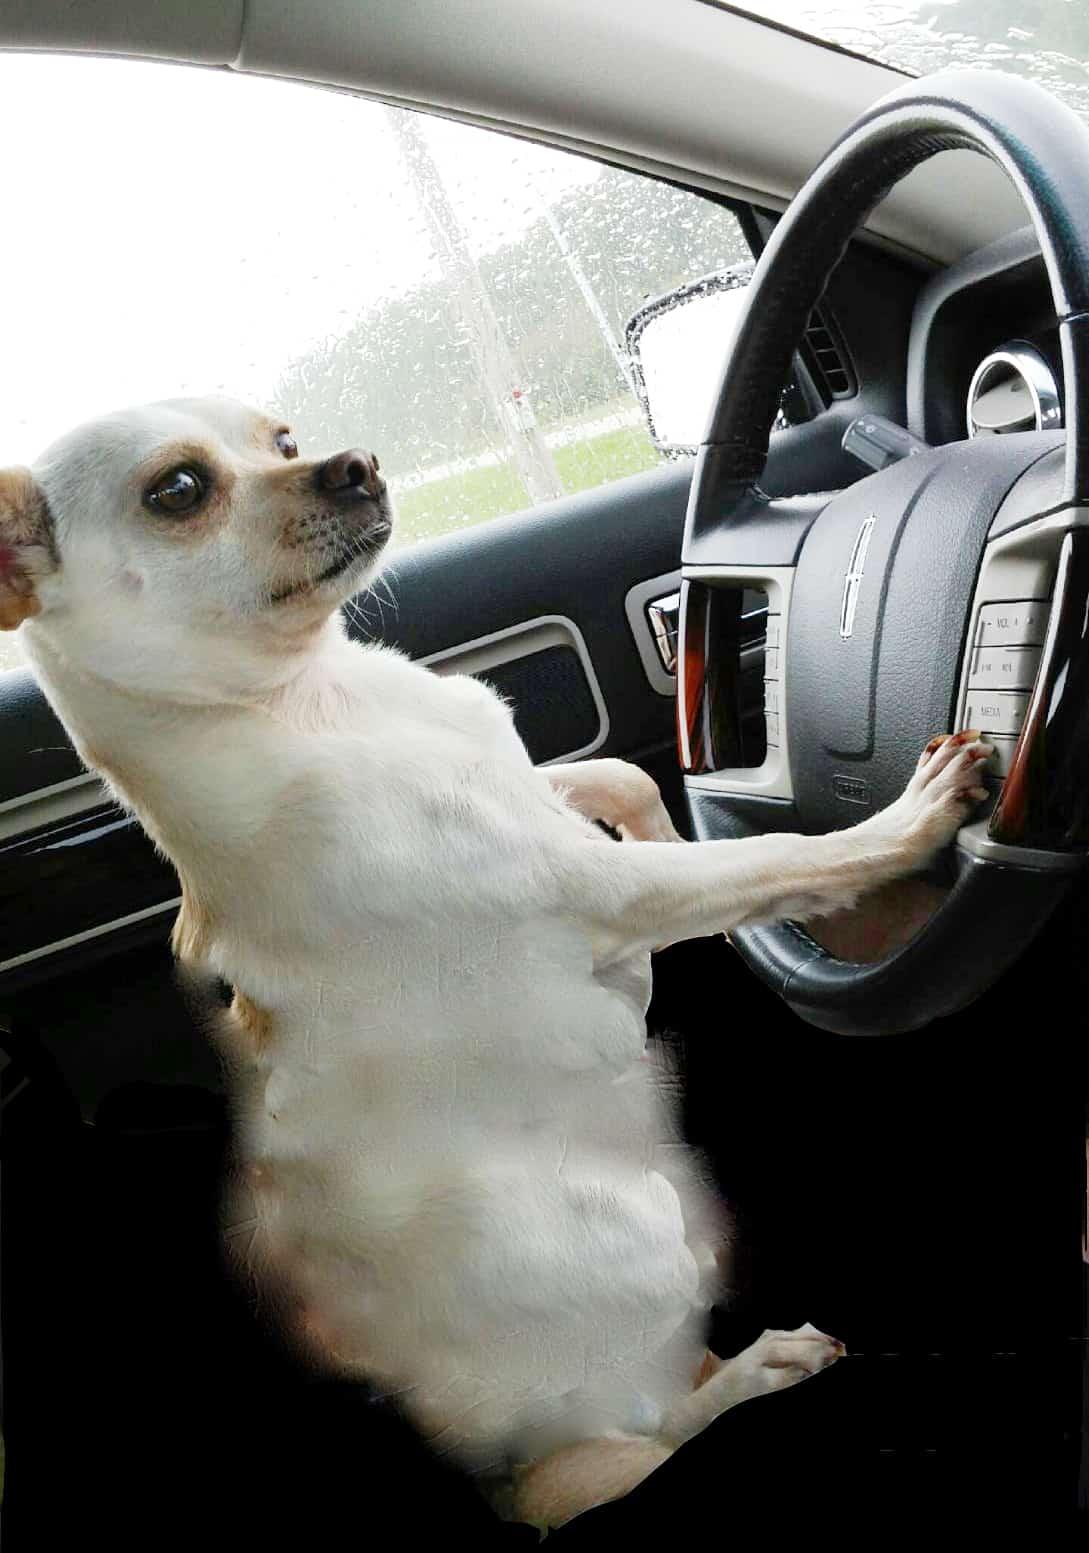 A dog driving a car.